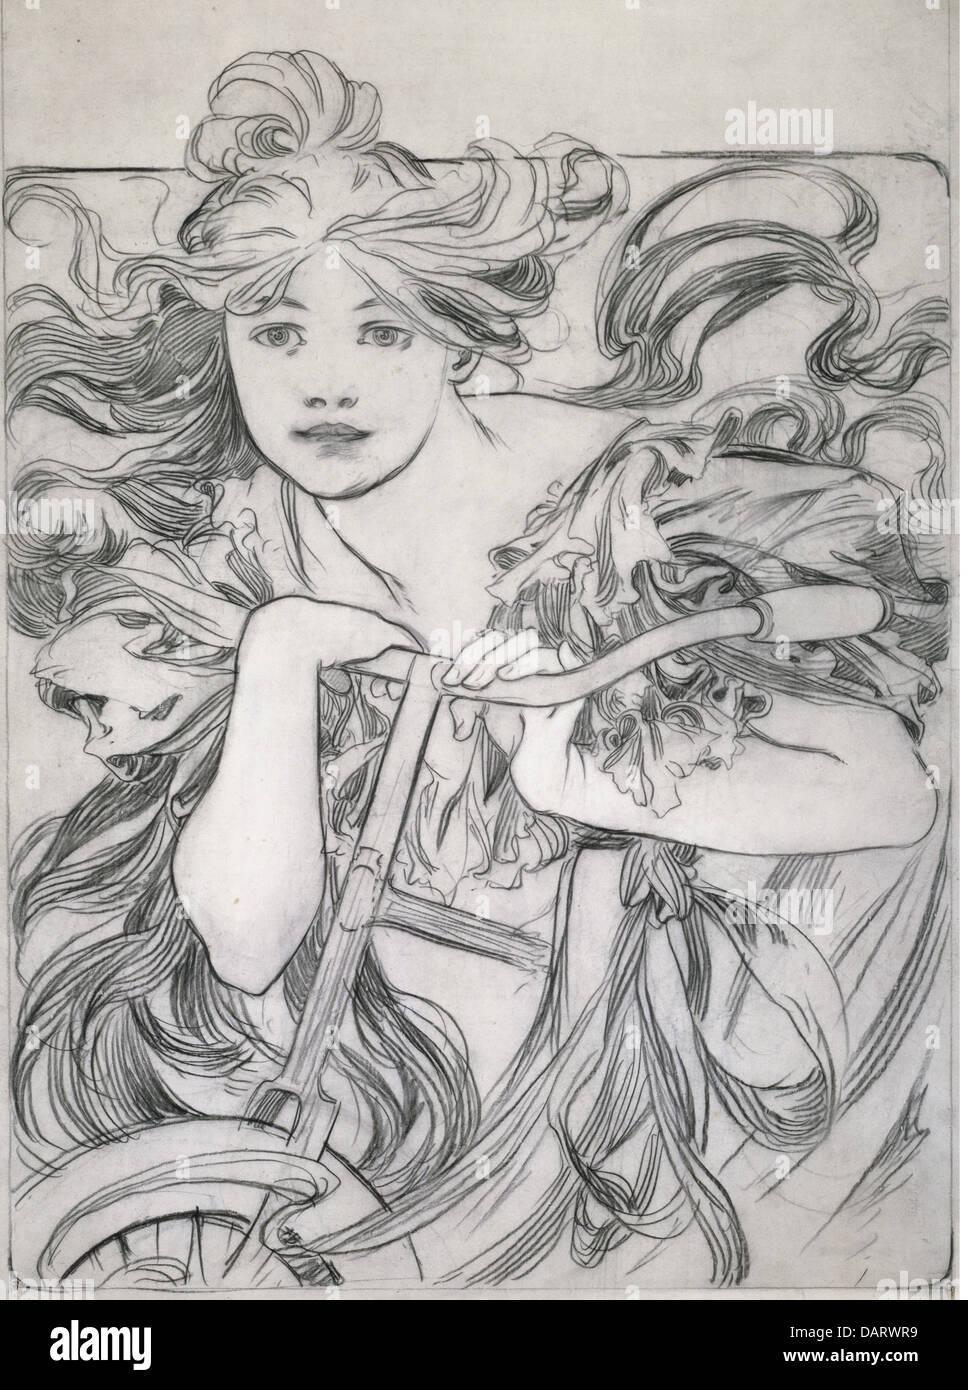 Bellas artes, Mucha, Alfons (1860 - 1939), gráfico, 'Ciclista', Boceto, dibujo, 1902, colección privada, bicicleta, personas Foto de stock